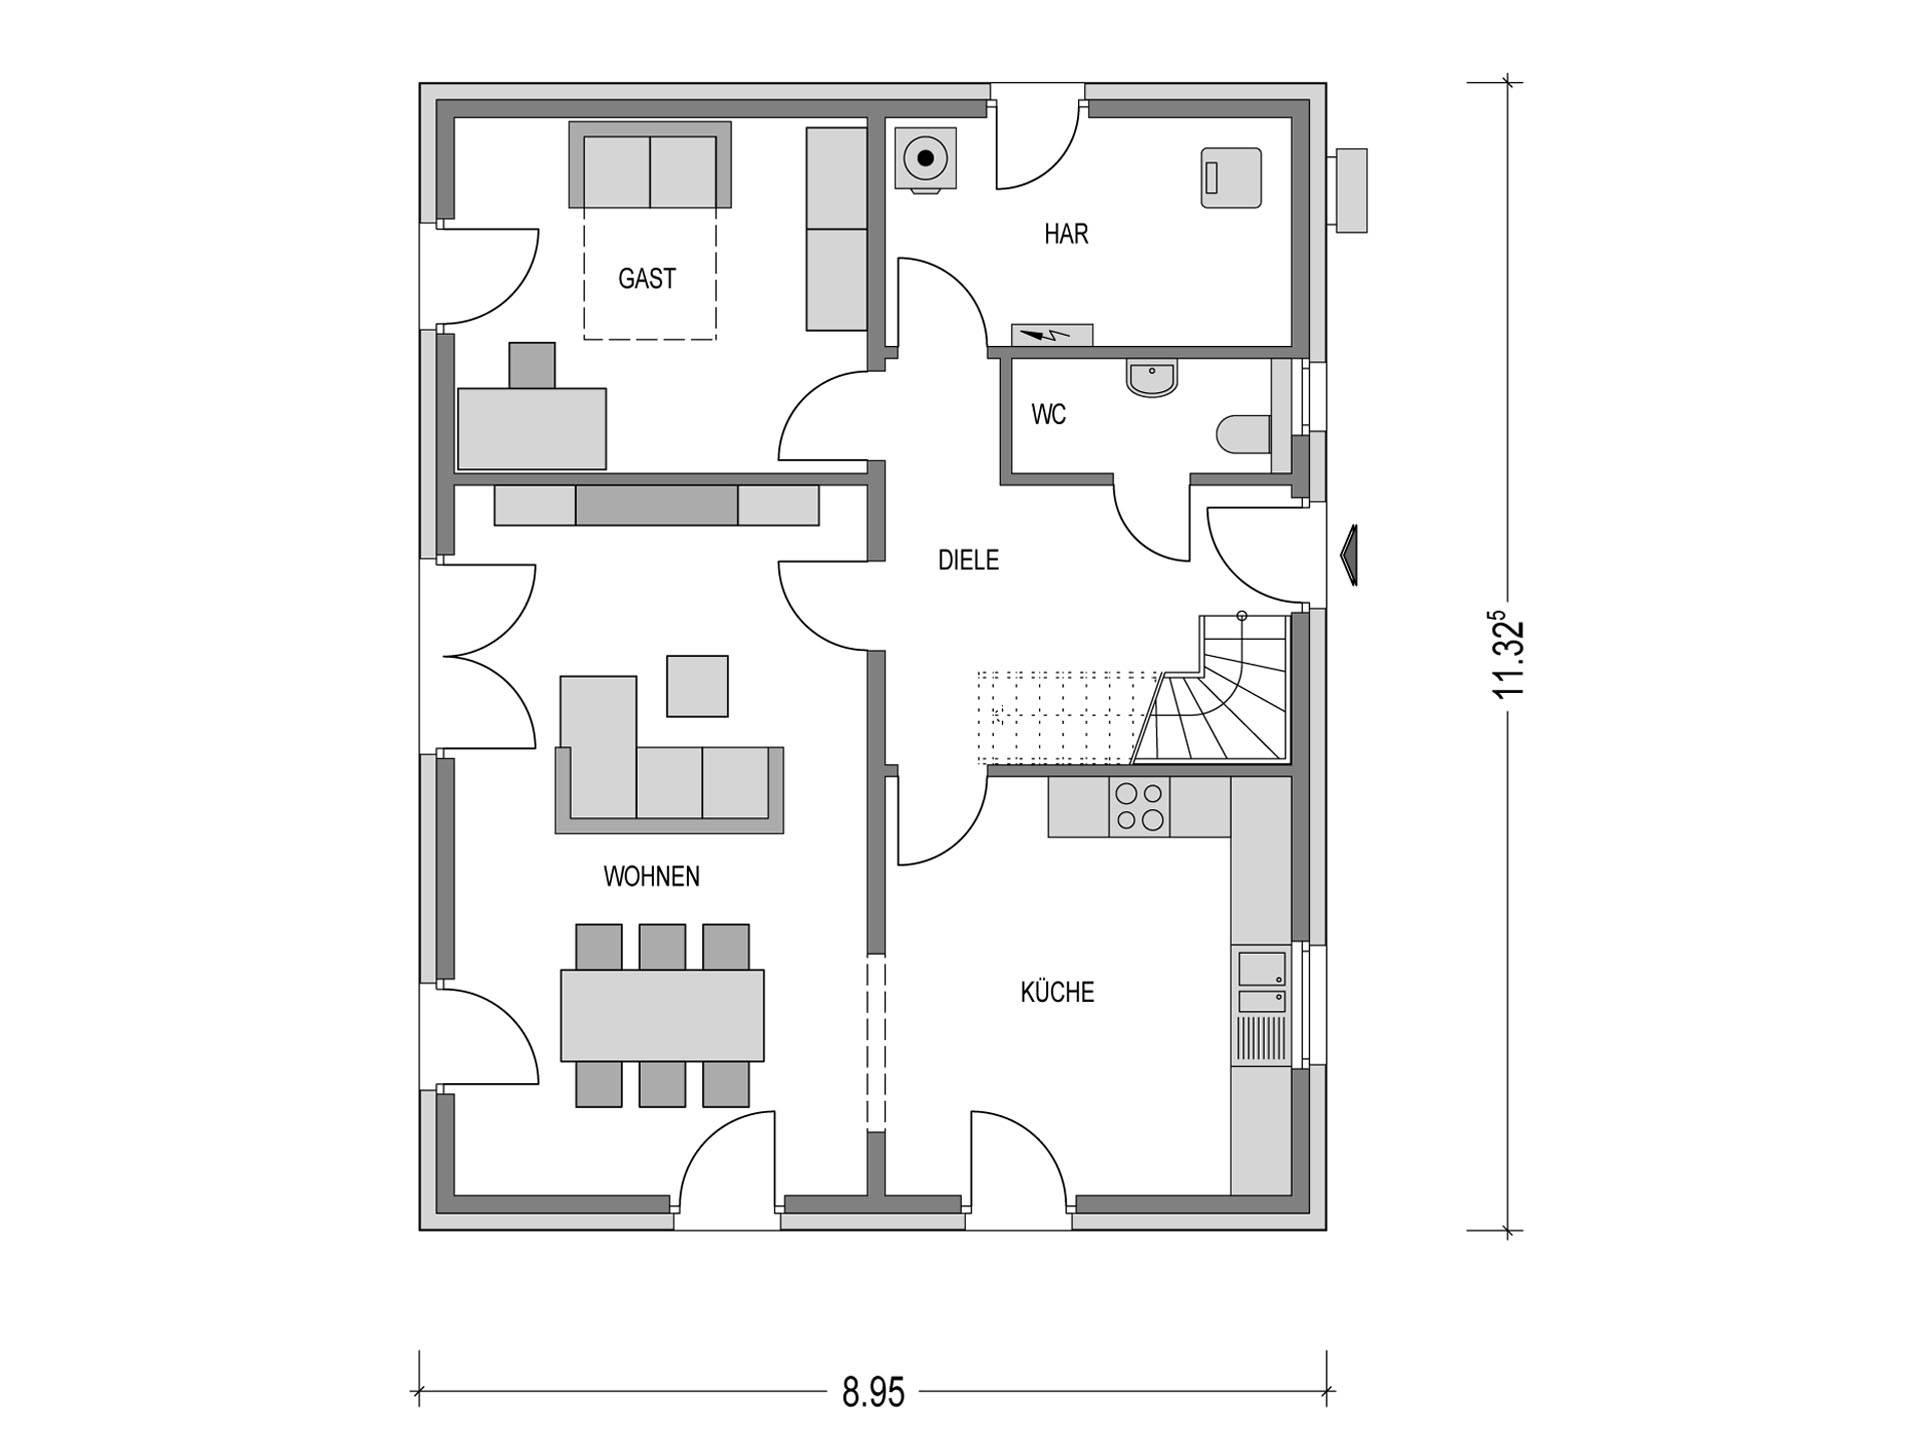 Einfamilienhaus KLASSIK.1000.1 Grundriss EG von Deutsche Bauwelten